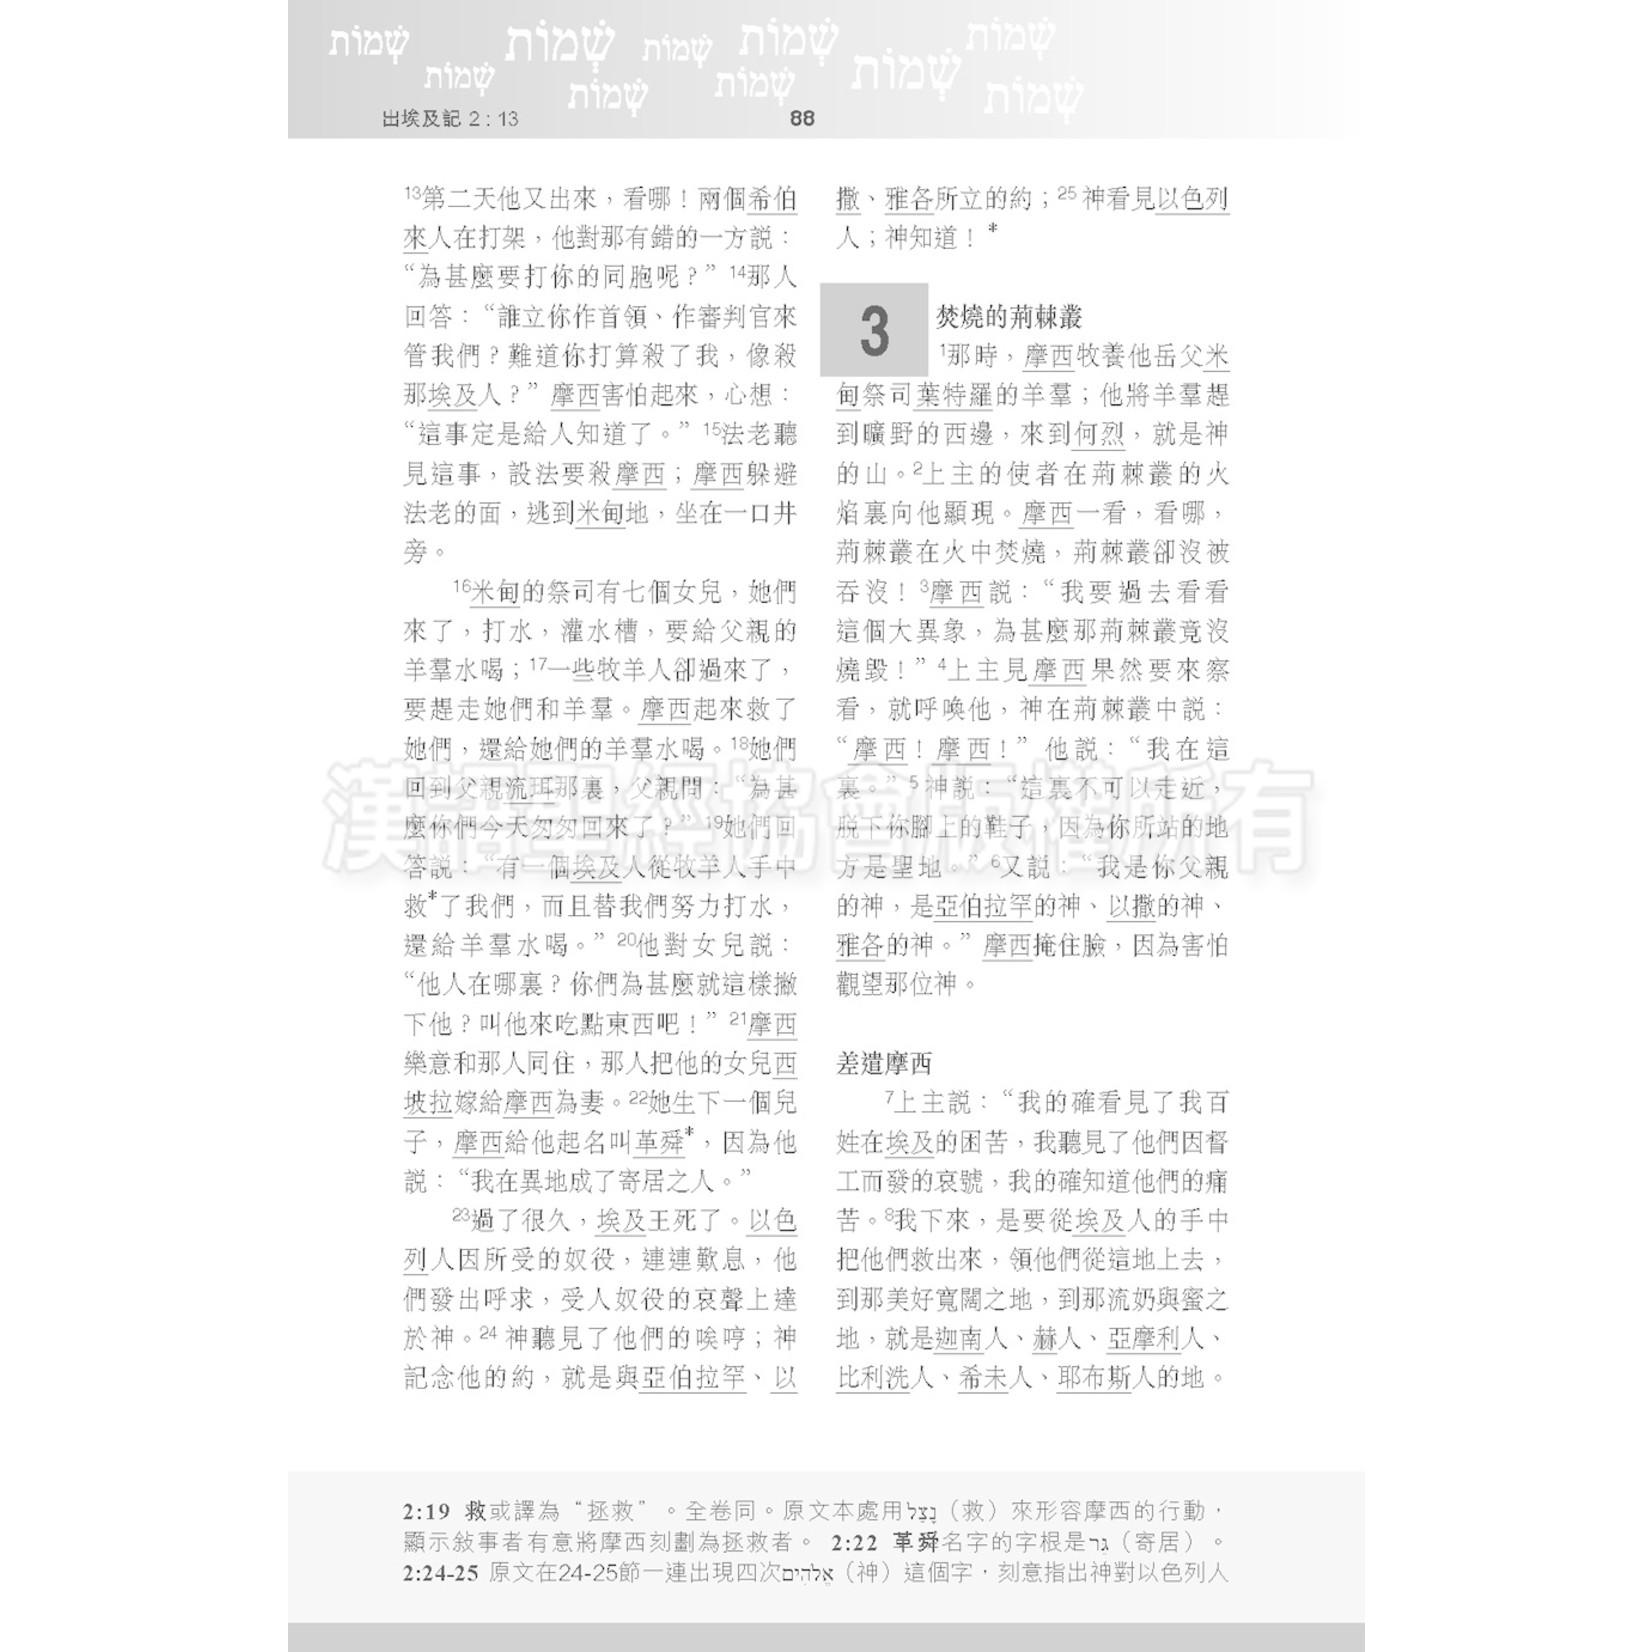 漢語聖經協會 Chinese Bible International 五經:新漢語譯本.註釋版.平裝(繁體)